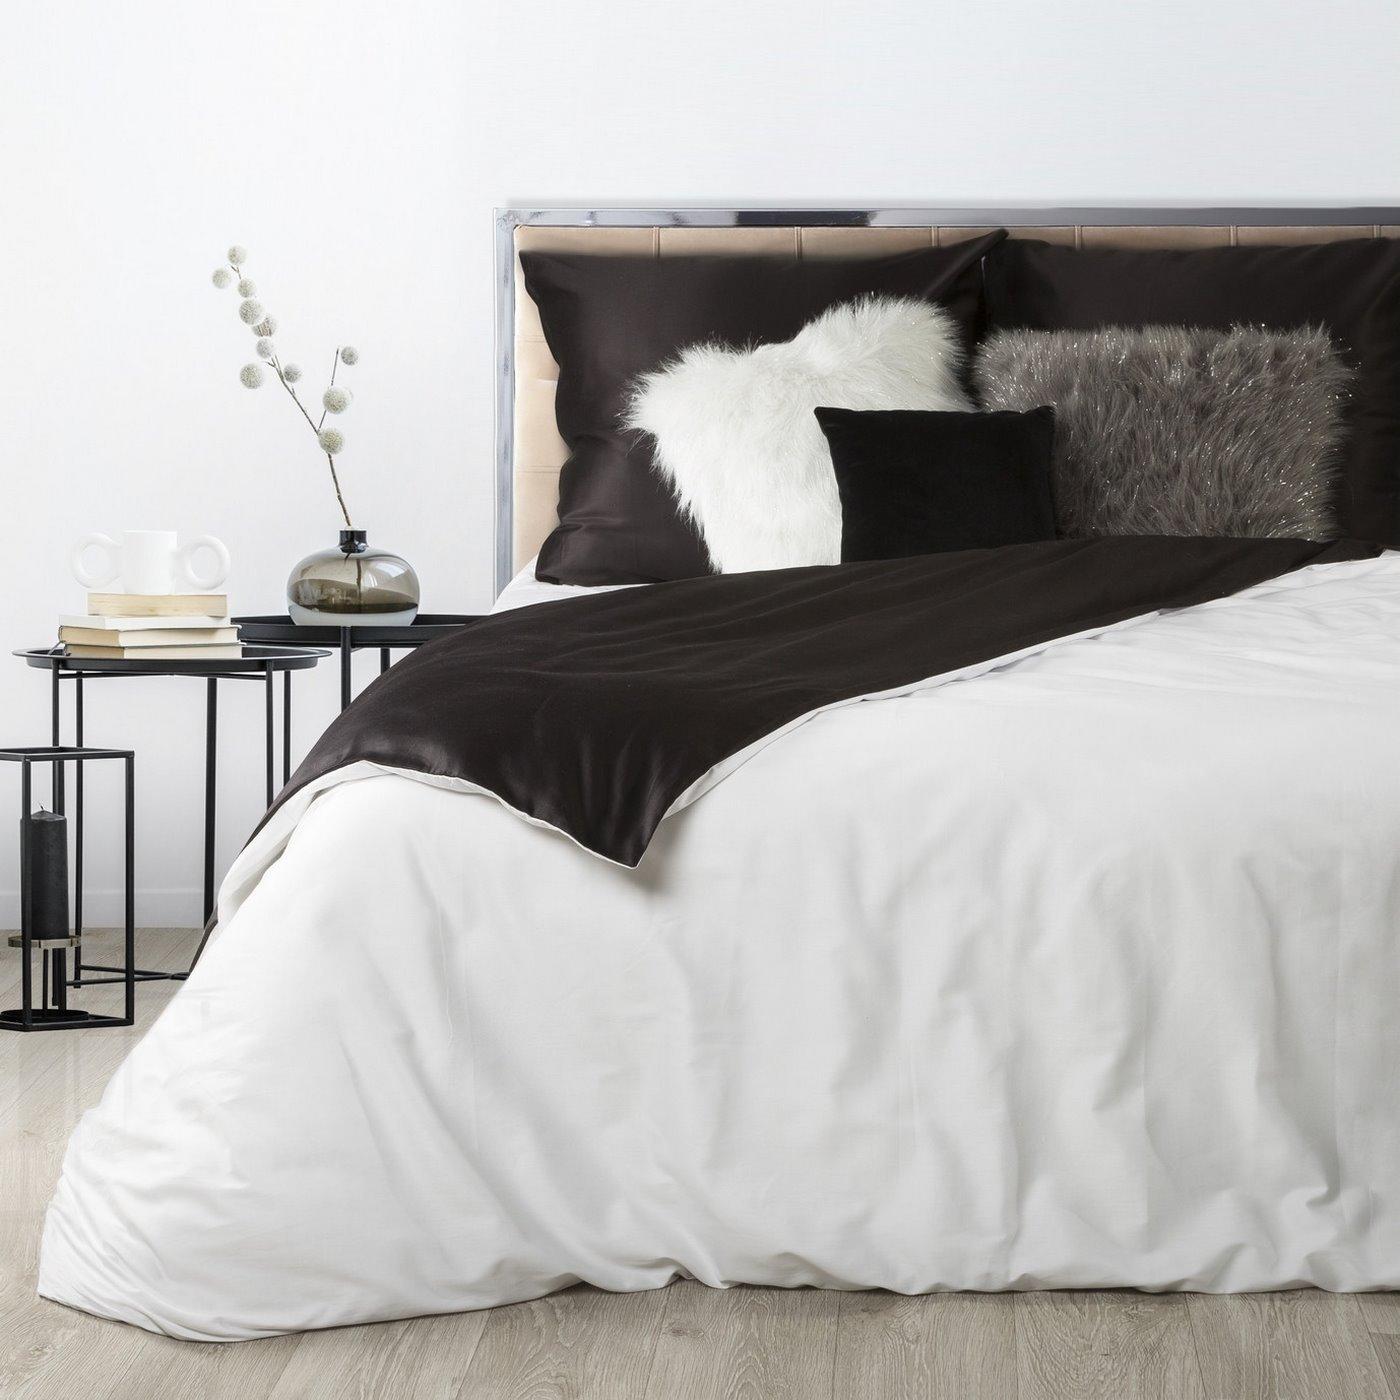 Komplet pościeli z makosatyny bawełnianej 220 x 200 cm, 2szt. 70 x 80 cm, biało -czarny